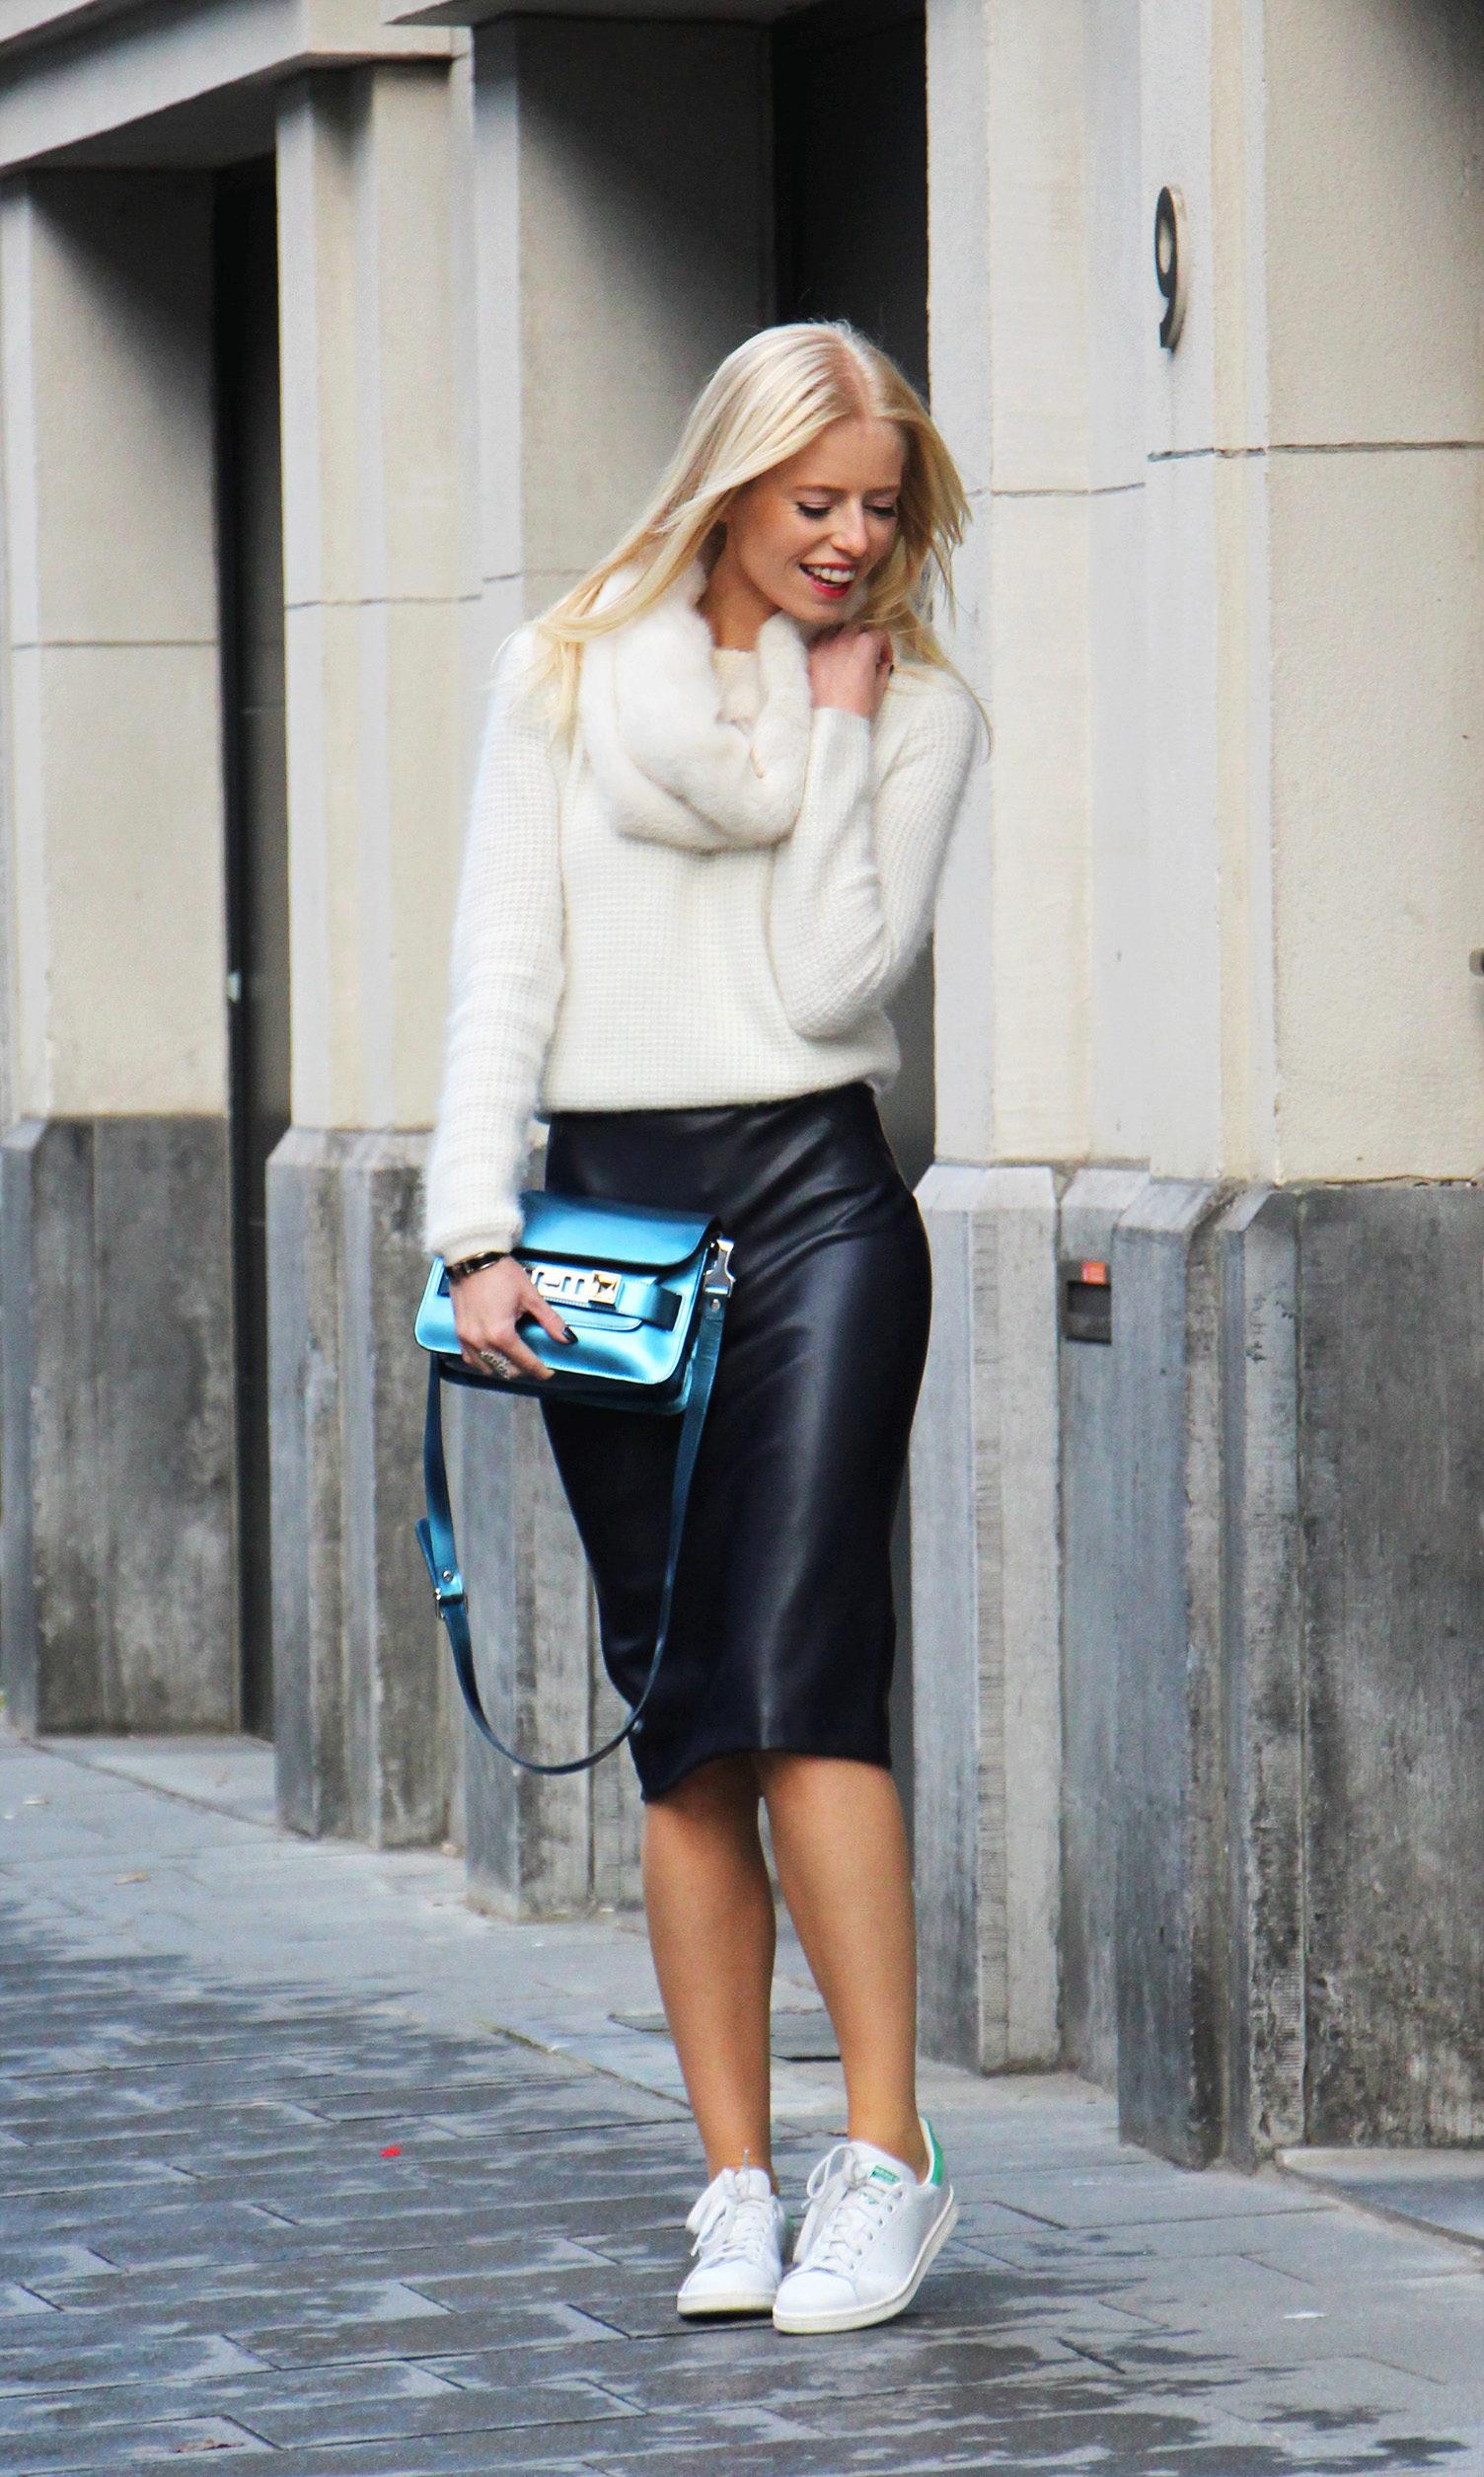 Вот наденьте на нее обтягивающую кохточку и каблуки, она будет очень сексапильной. И да, я отдаю себе отчет, что юбки я показываю не полностью одинаковые.